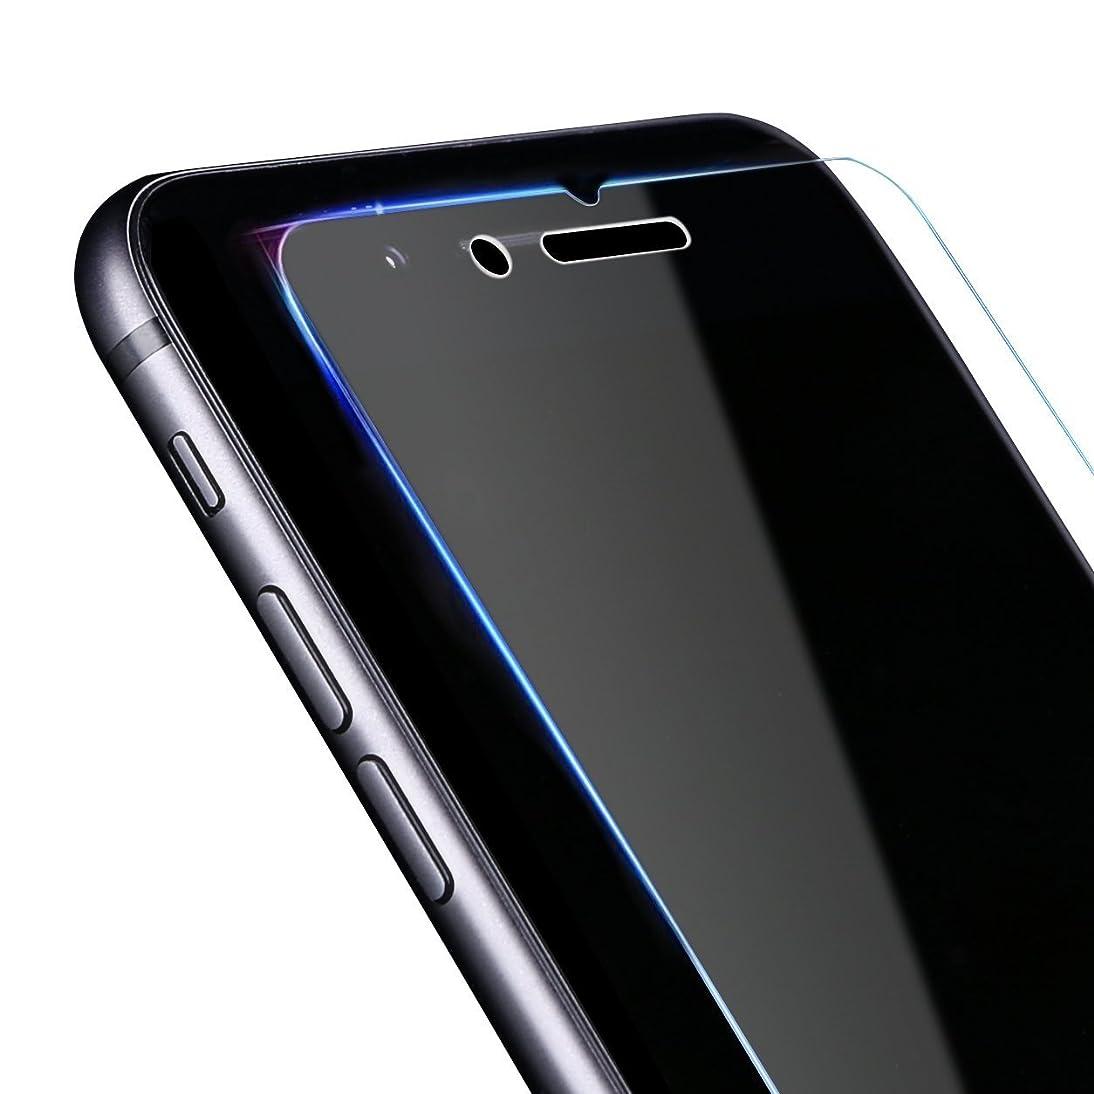 福祉ヒューマニスティックスマートNobelbird iPhone8/iPhone7用 強化ガラス液晶保護フィルム【落としても割れない 業界最高硬度9H】【ワンタッチ貼付け/ケースと干渉せず】3D Touch対応/飛散防止/指紋防止/ 2.5D アイフォン8/アイフォン7用 ガラスフィルム 超薄0.33mm